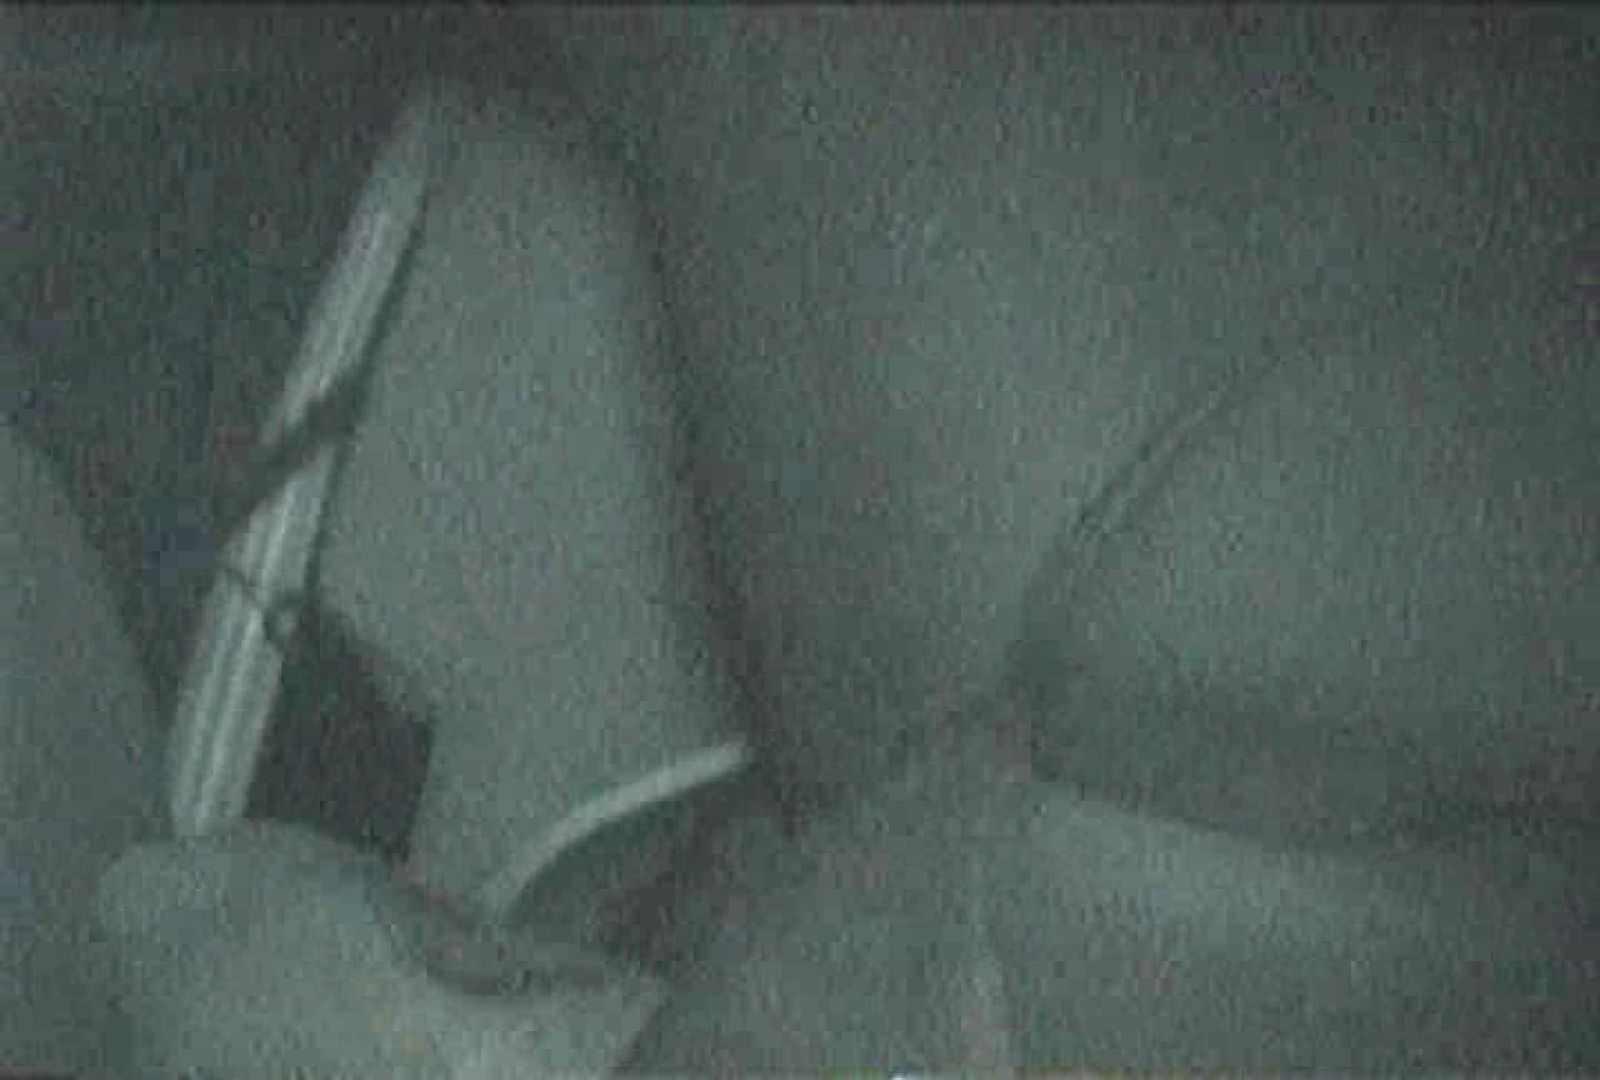 充血監督の深夜の運動会Vol.99 エロティックなOL ヌード画像 87画像 62